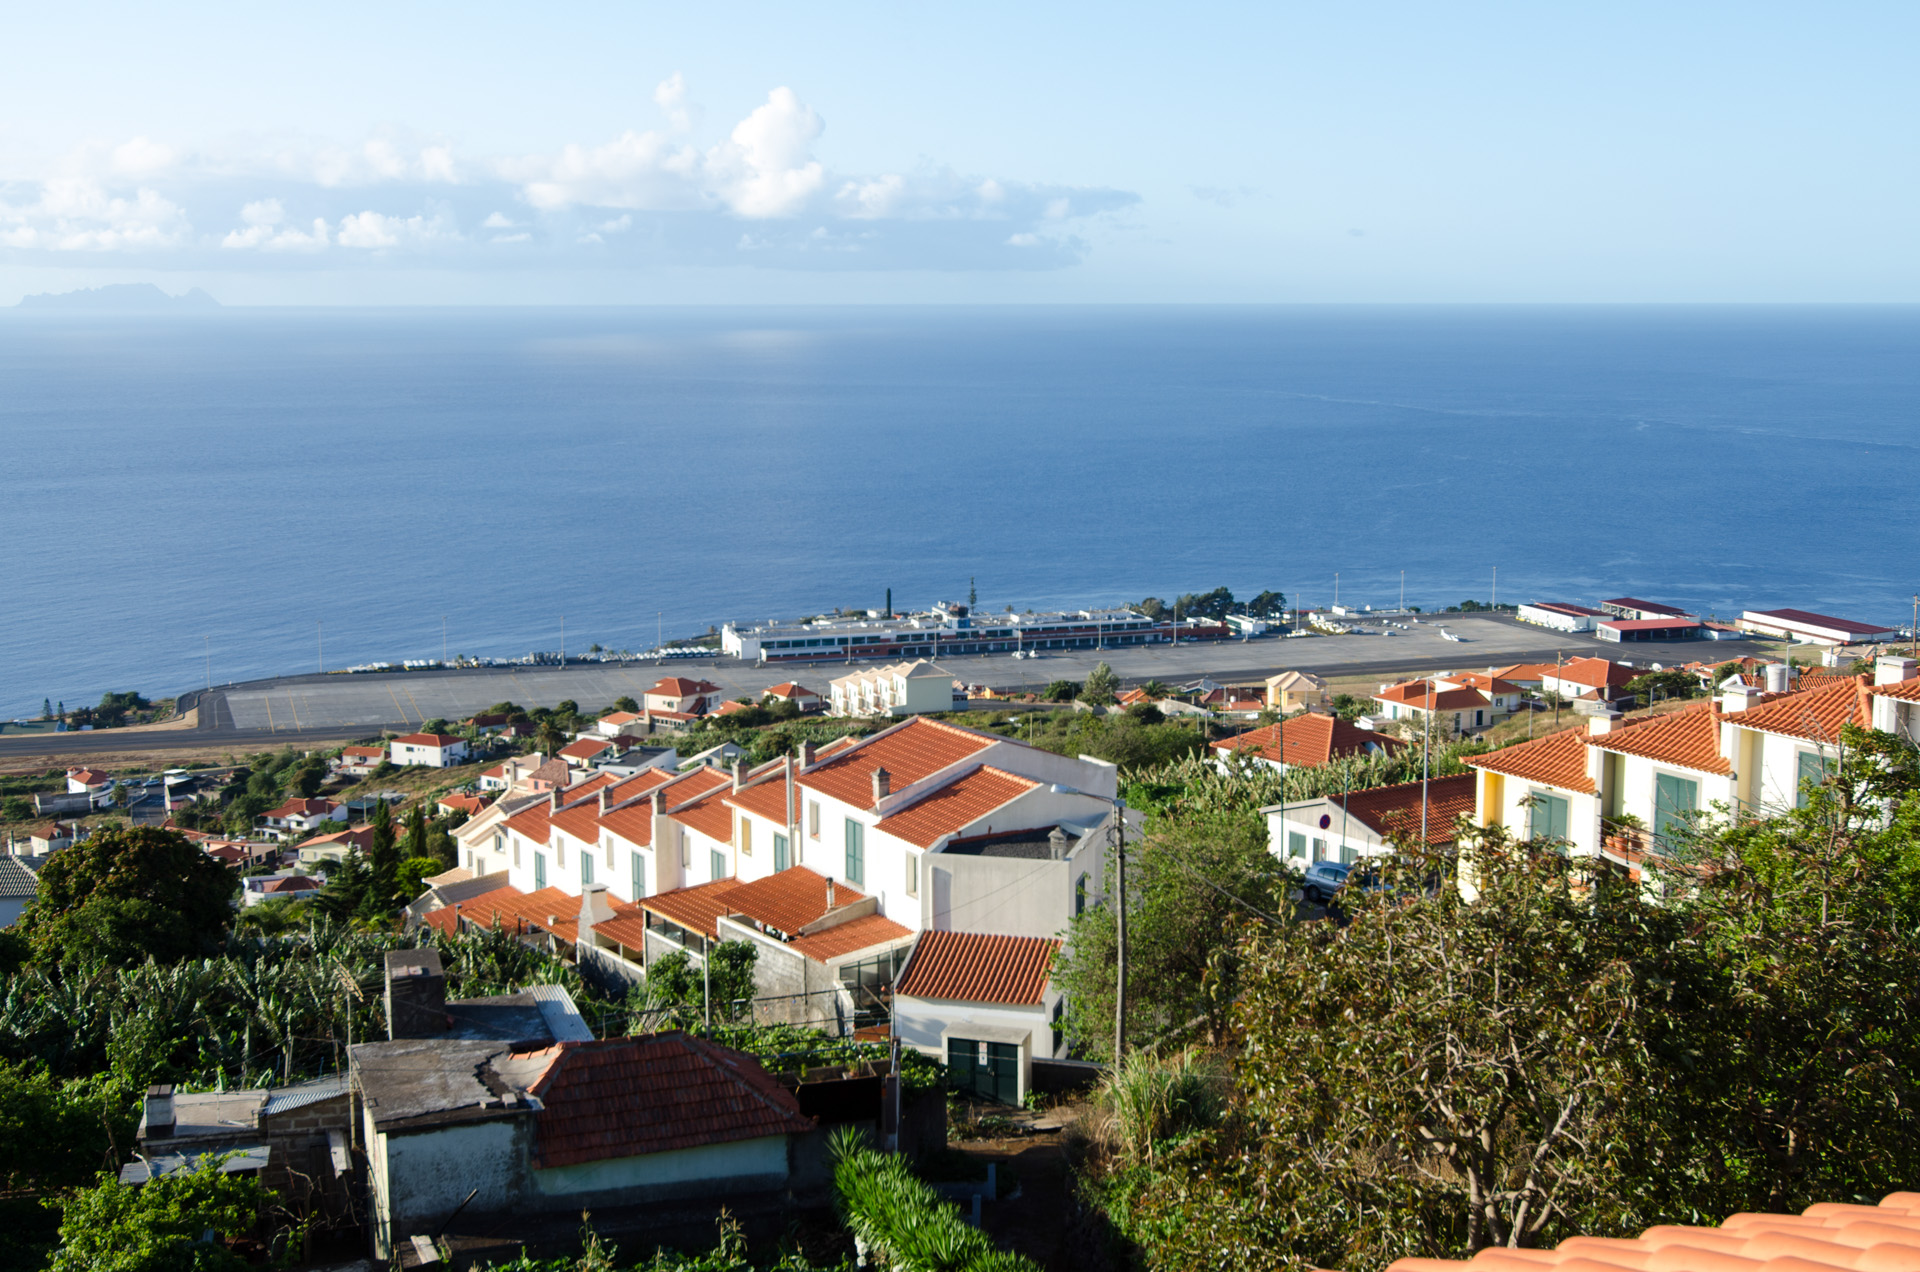 Letiště Madeira - Funchal